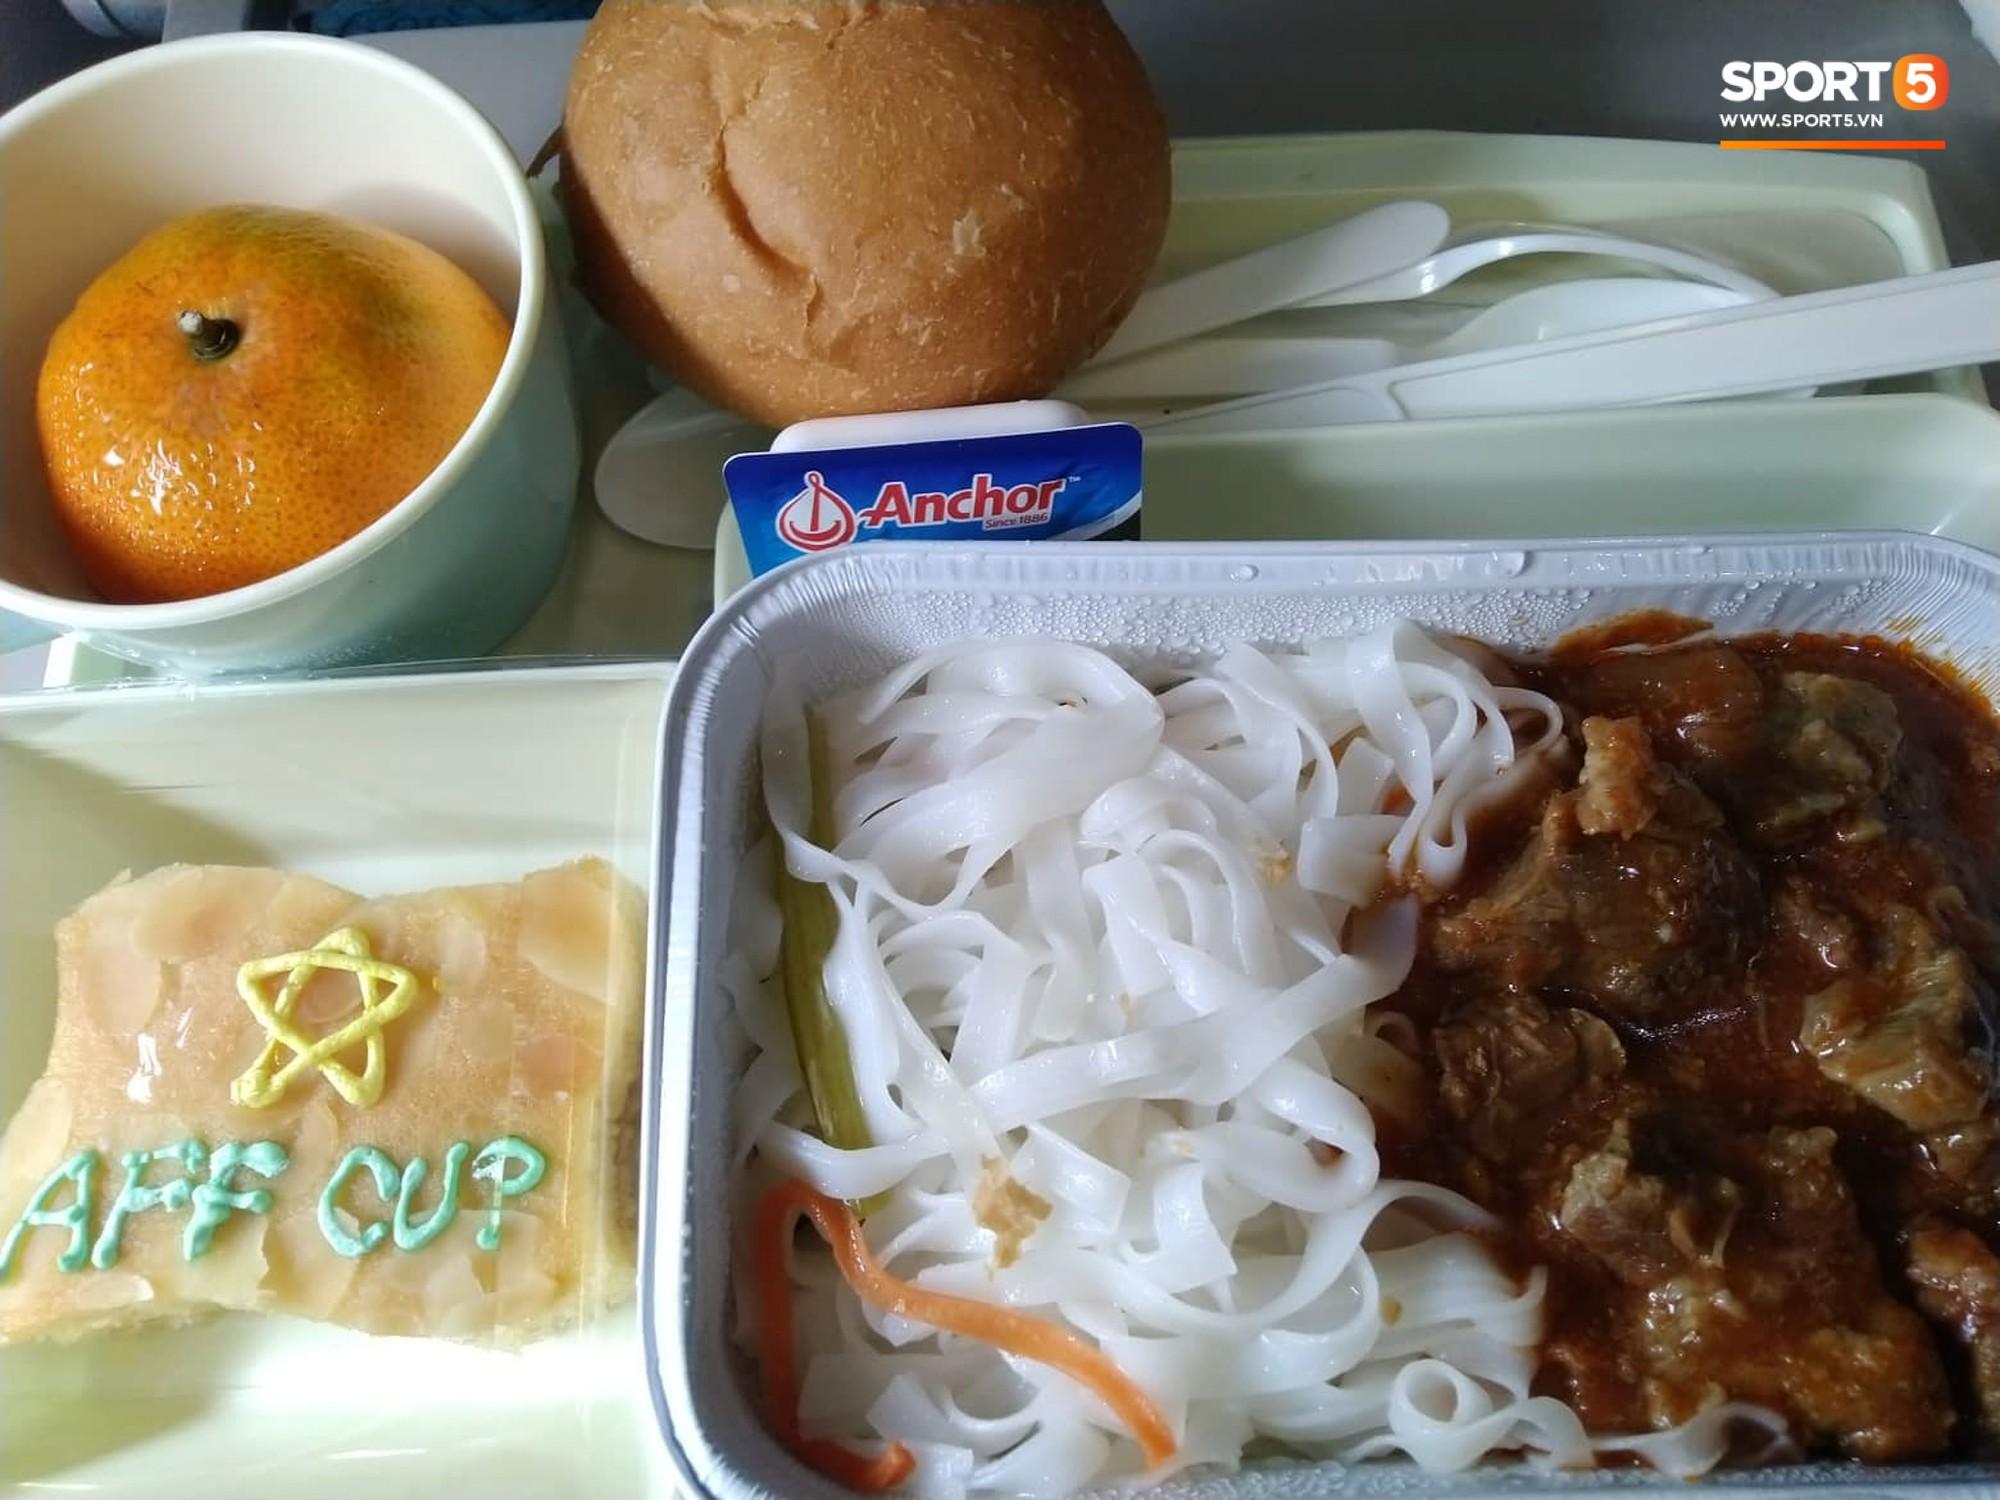 Món ăn khiến đội tuyển Việt Nam bất ngờ trên máy bay từ Philippines về Hà Nội-1